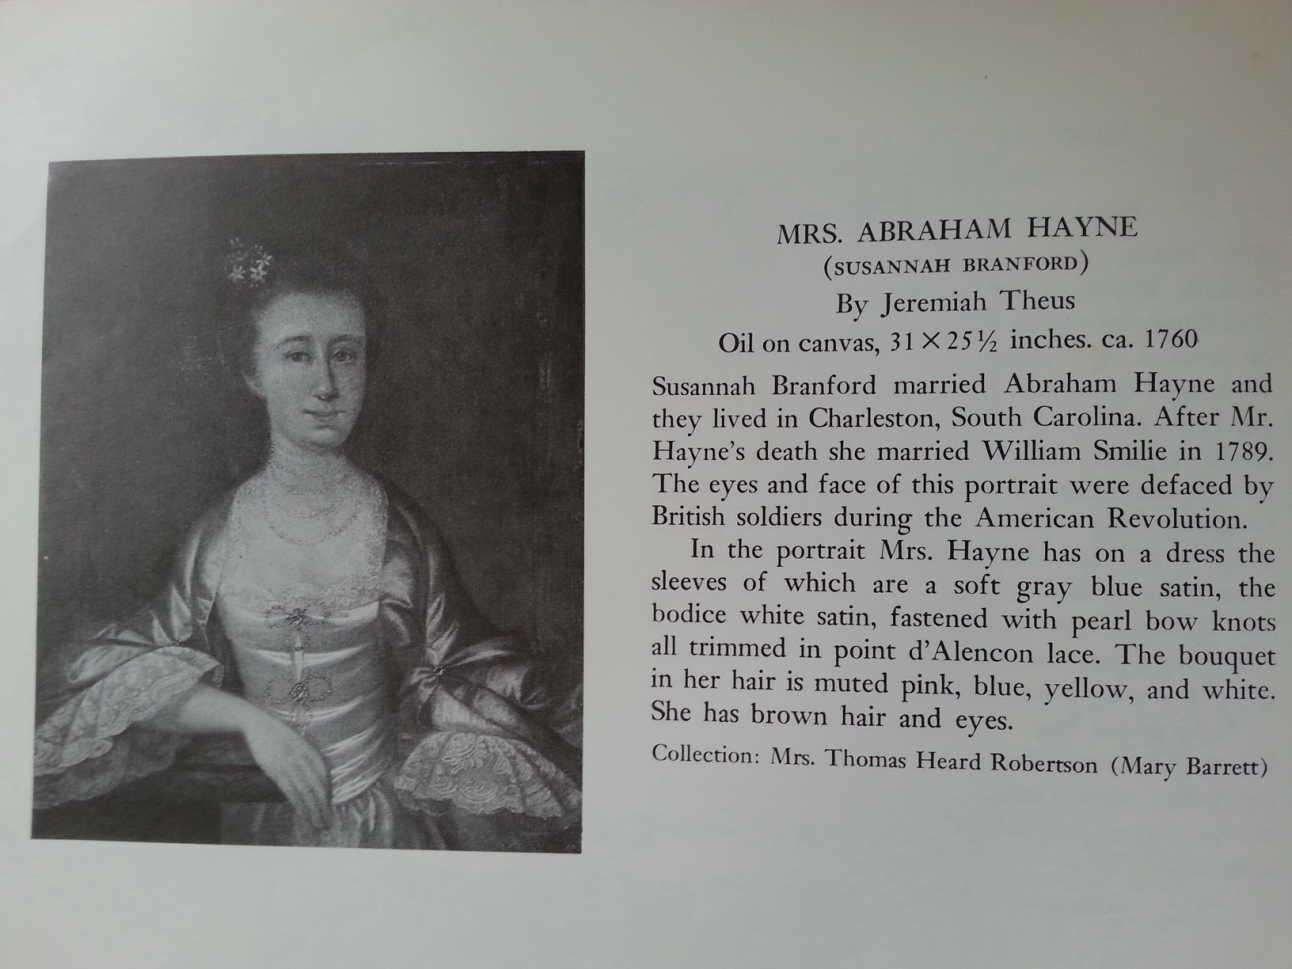 Susannah Branford Hayne